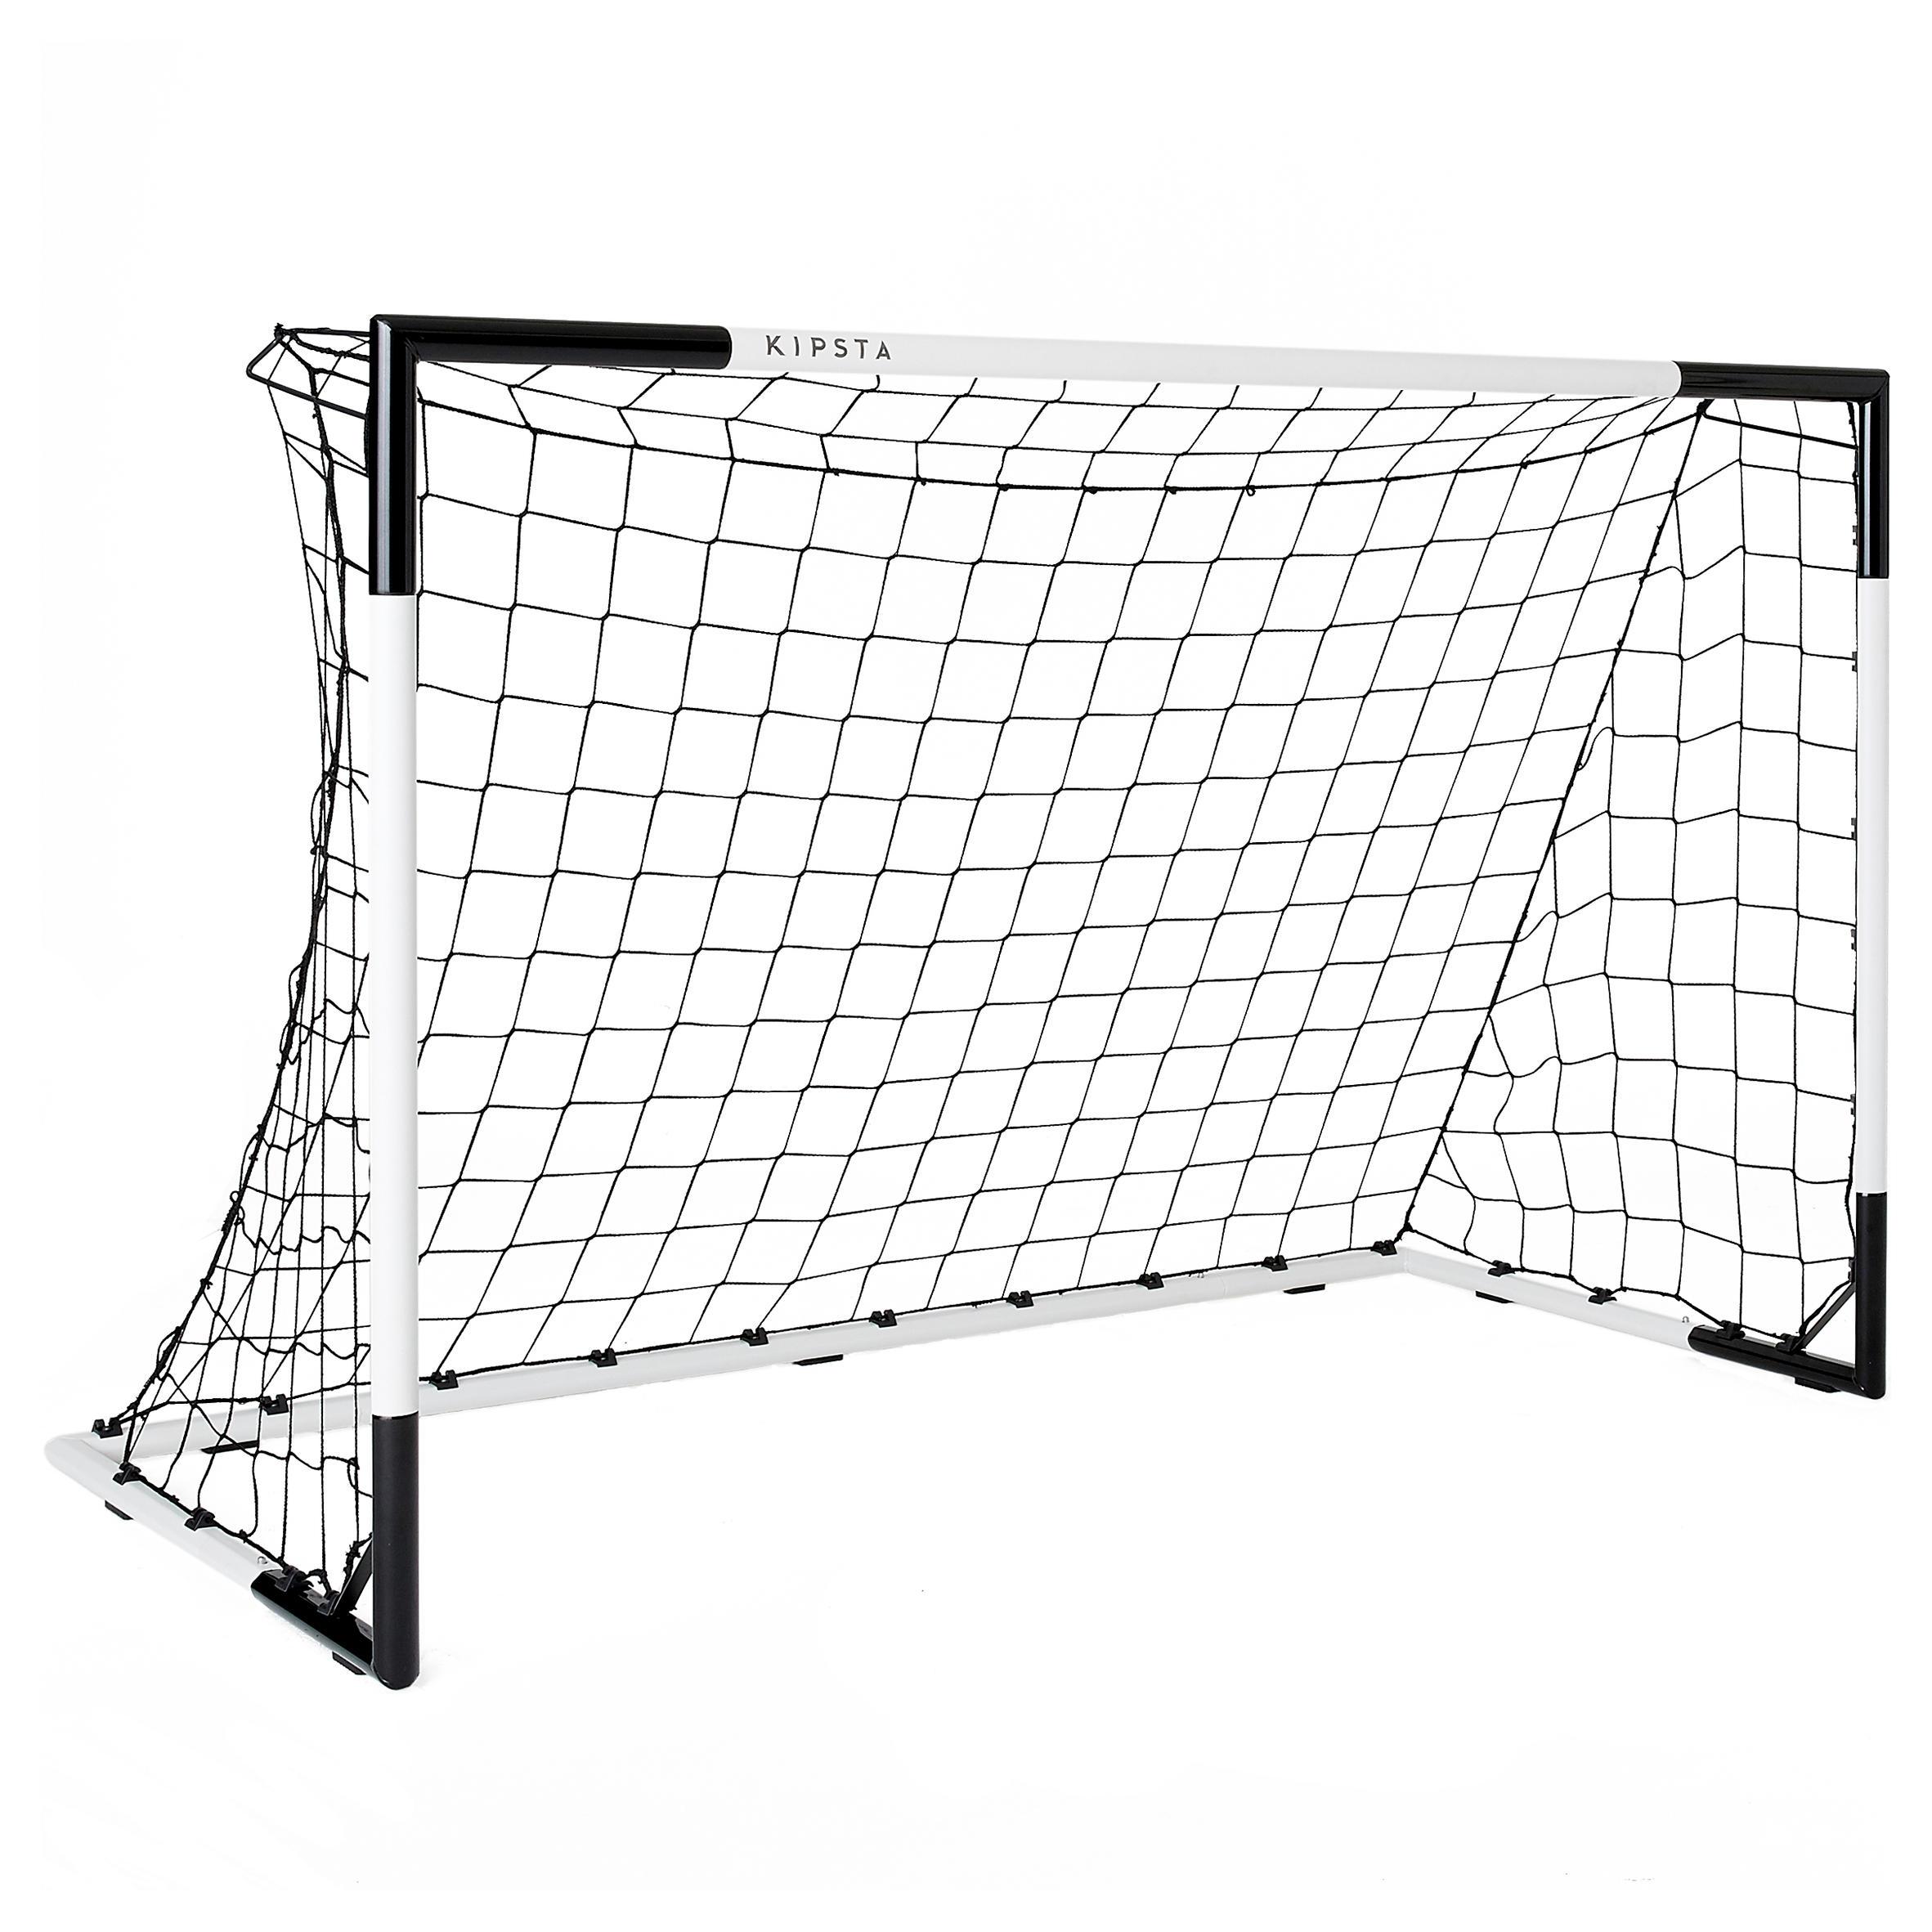 Poartă fotbal SG500 Mărimea M